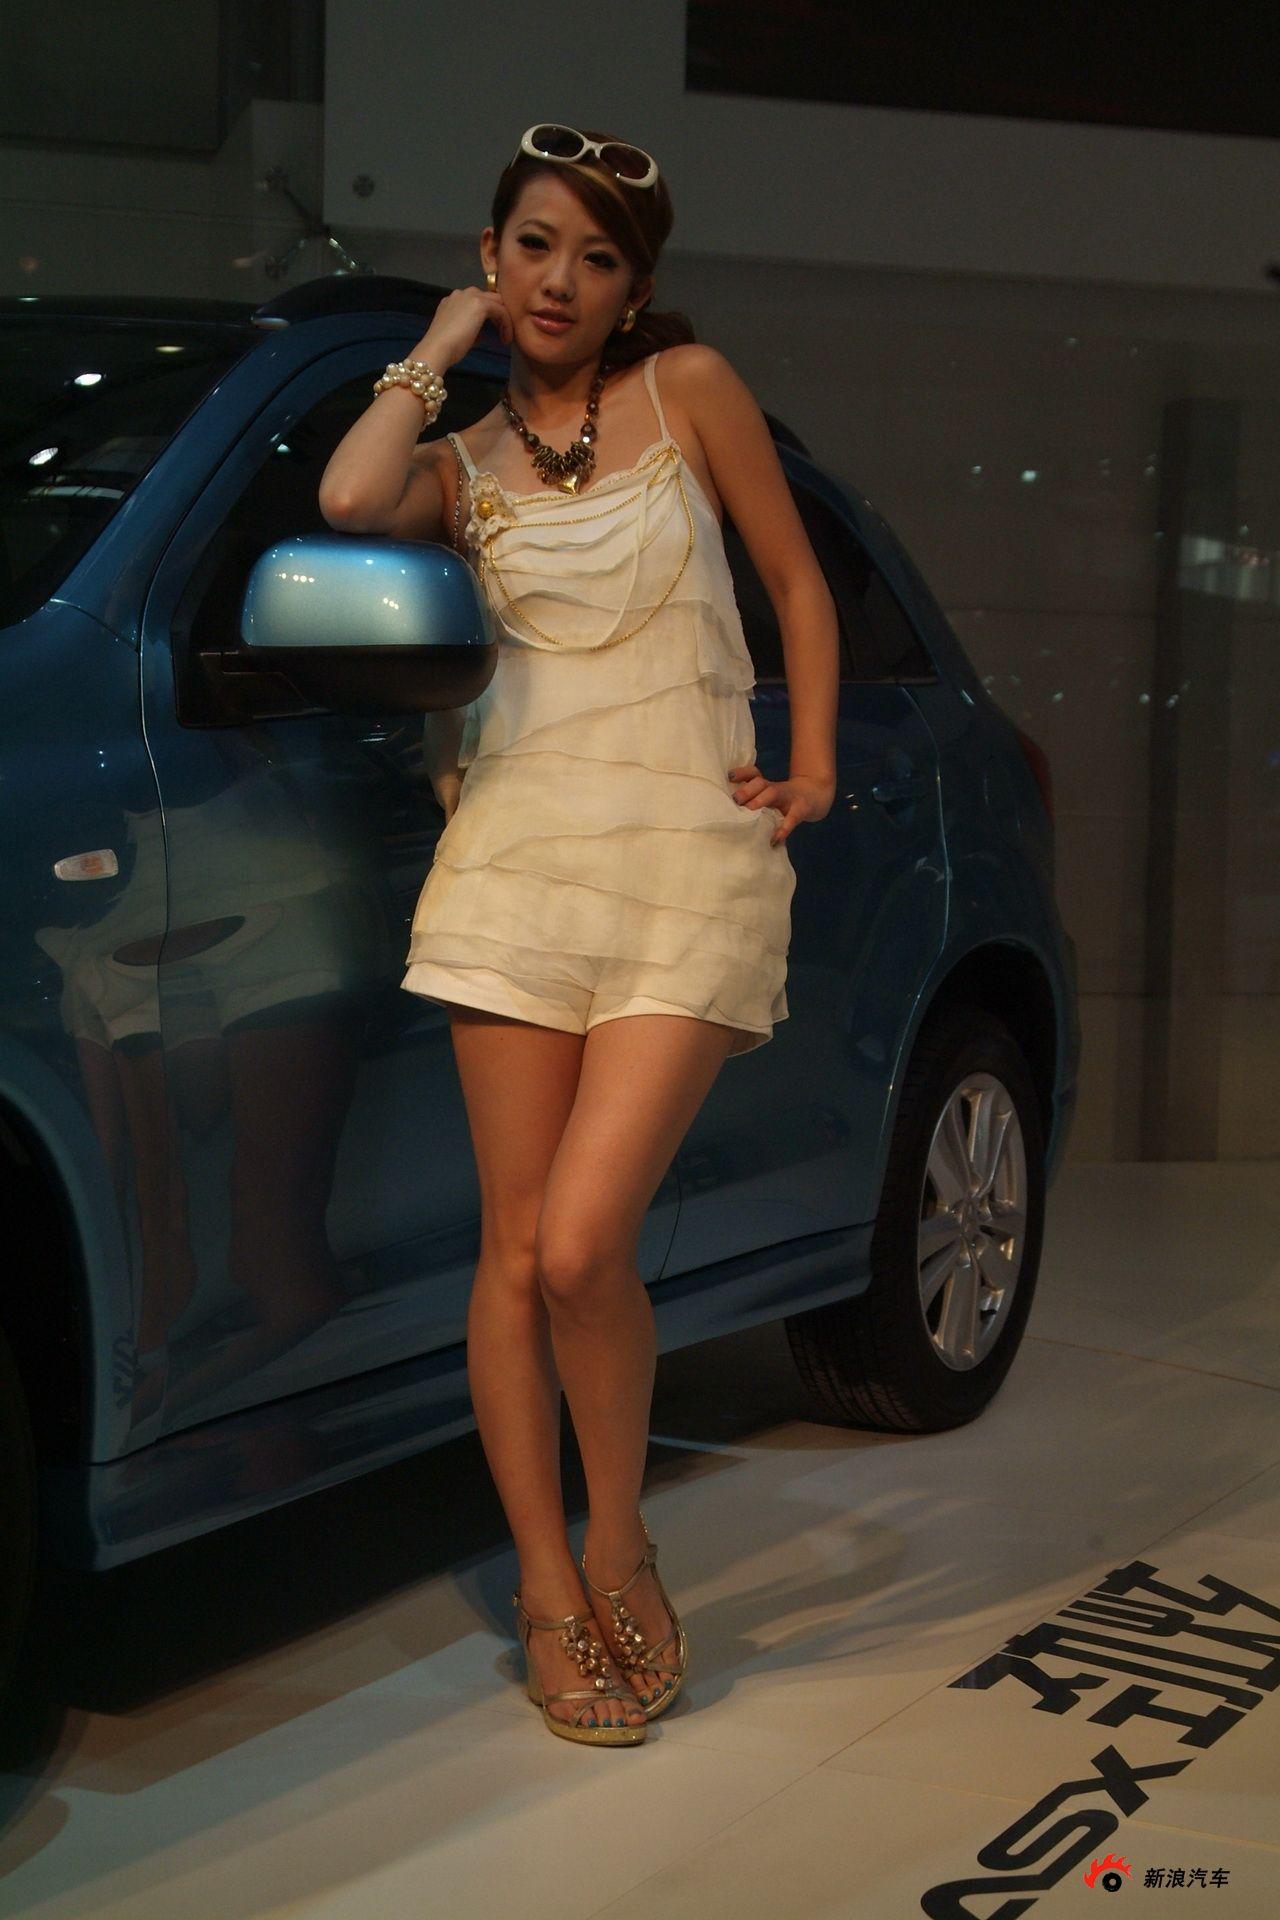 三菱展台2号模特